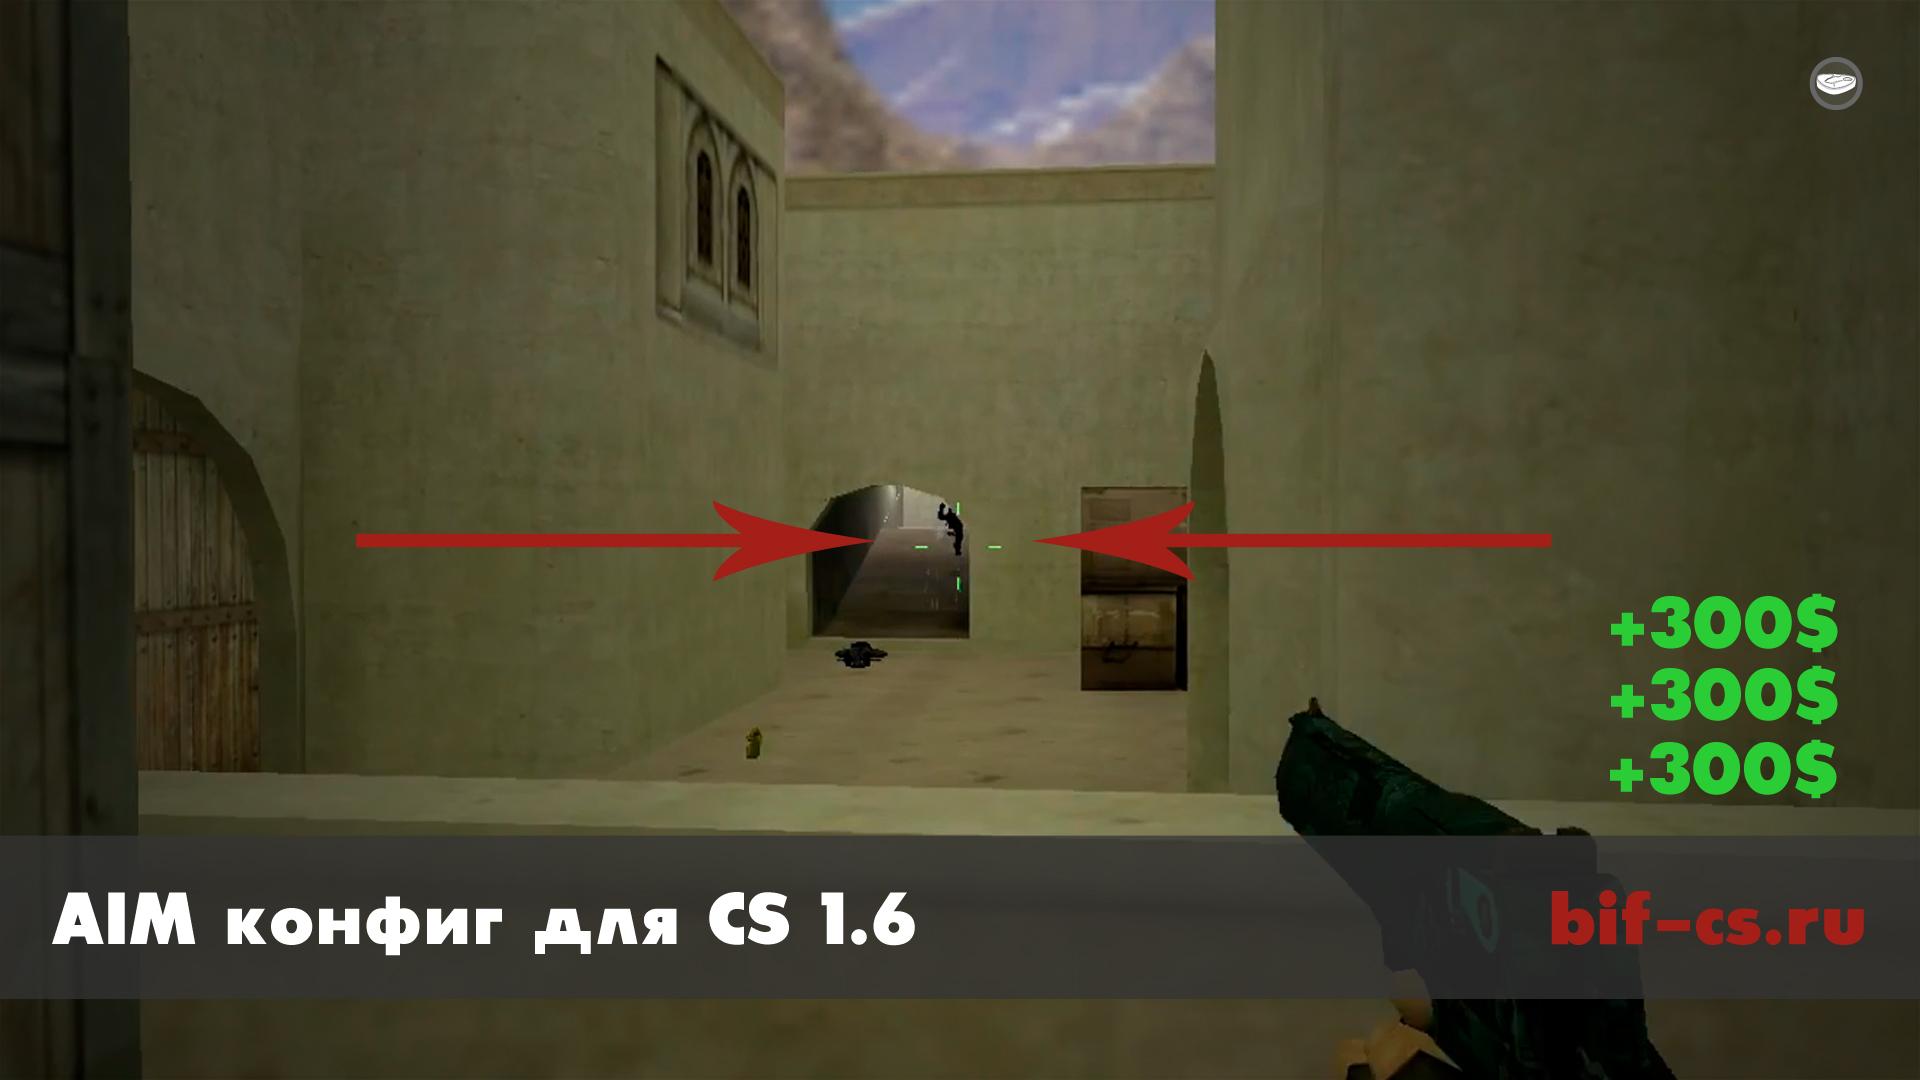 скачать aim cfg конфиг аим для точной стрельбы cs 16